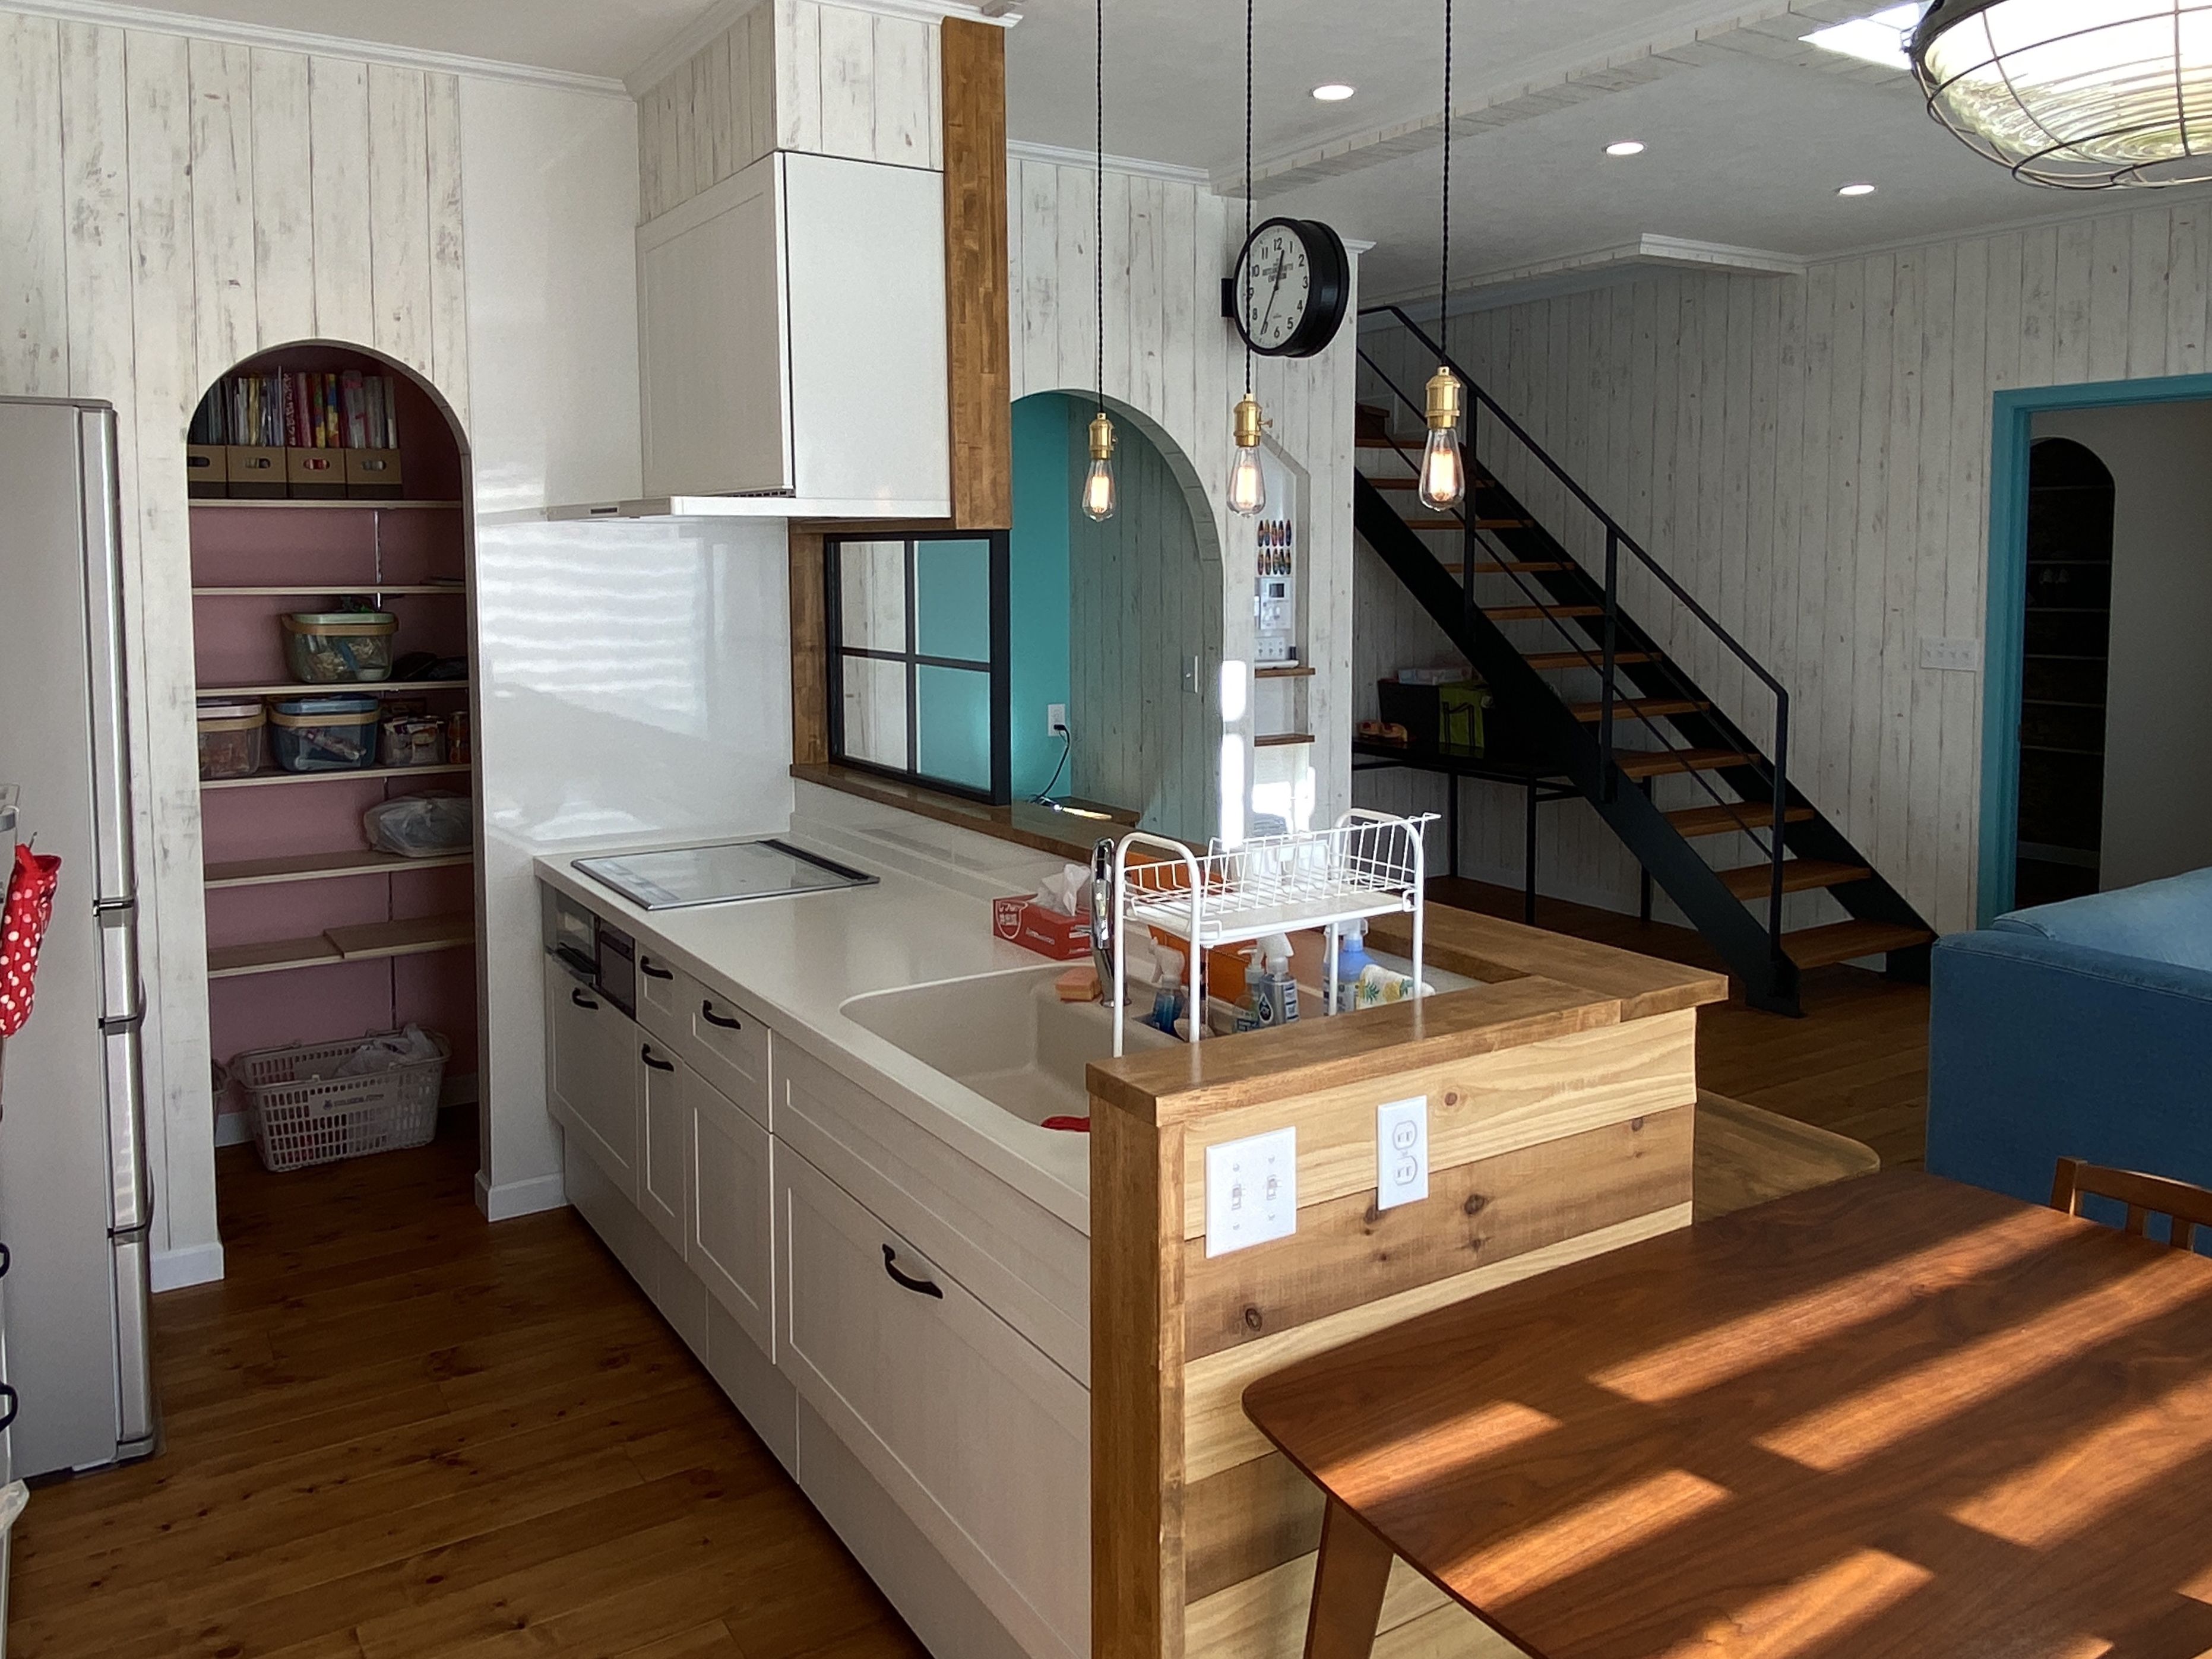 ブルースホーム伊豆 (吉村工務店)【デザイン住宅、輸入住宅、インテリア】キッチン奥にはパントリーを設えた。背面の戸棚、引き出しとあわせて十分な量の収納を確保